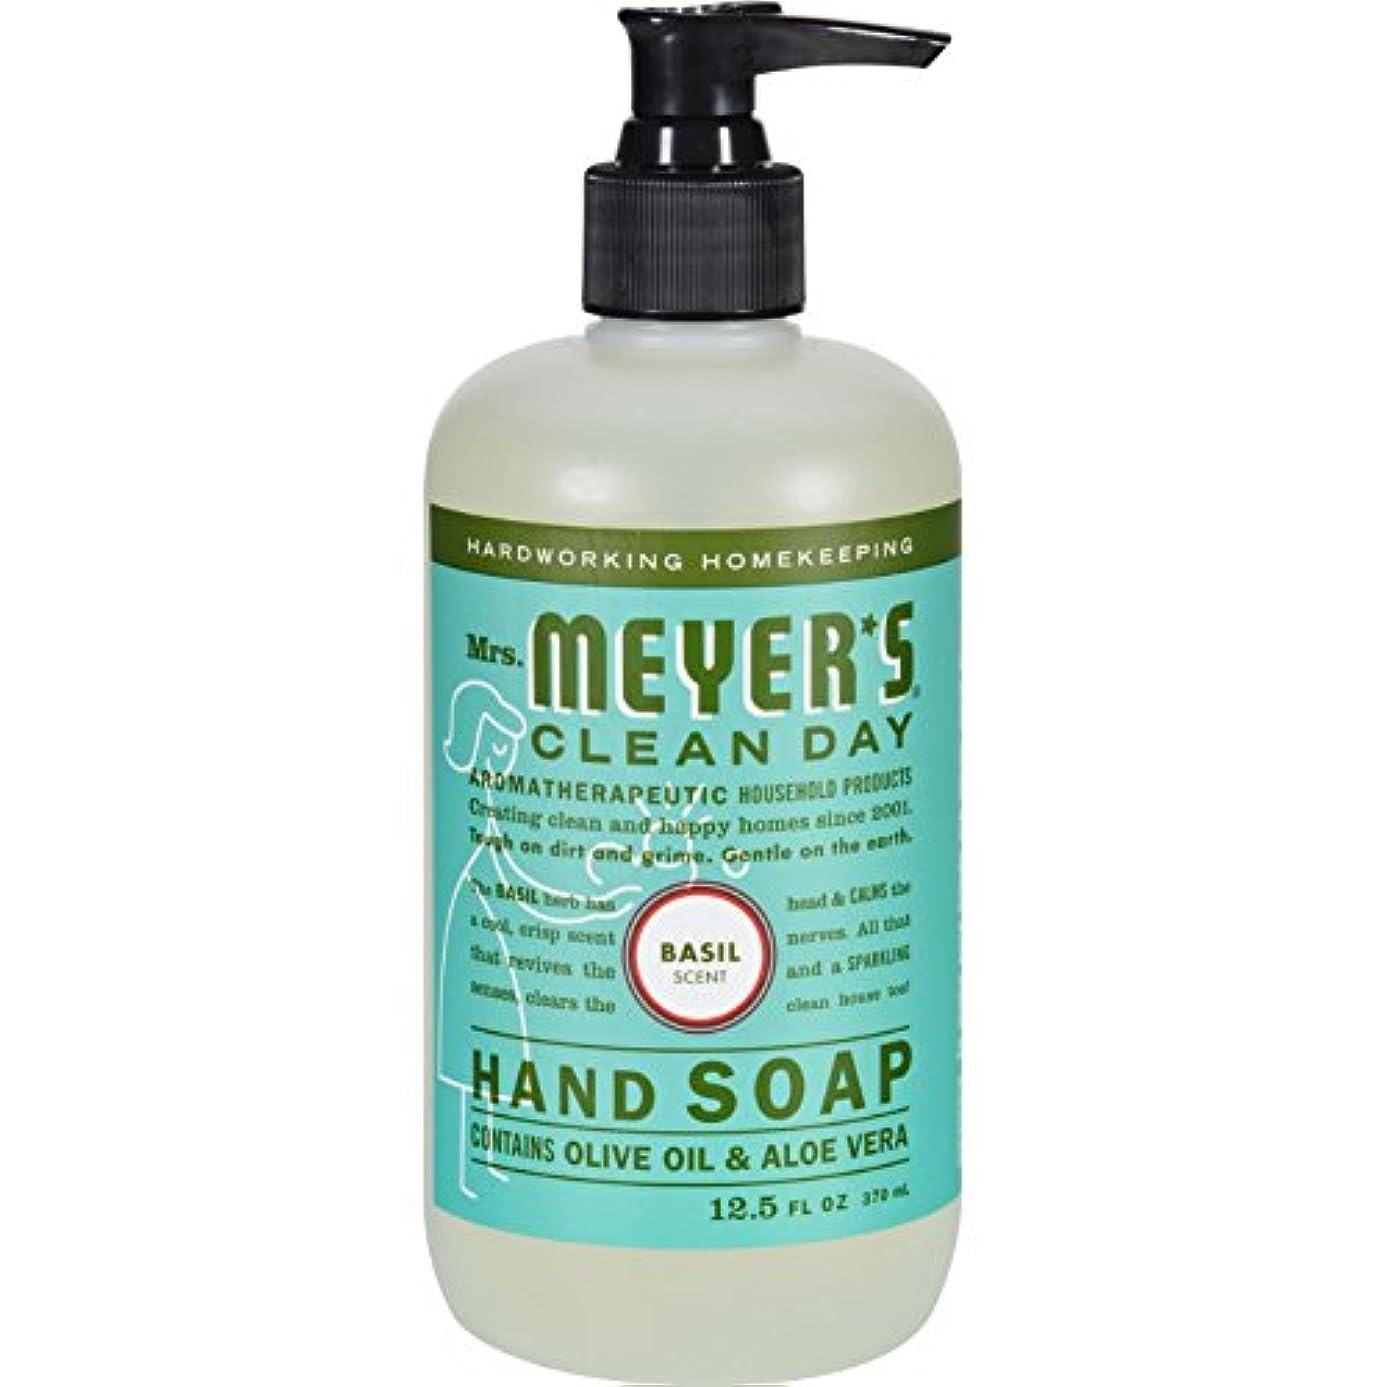 ビット気まぐれな満足MRS. MEYER'S HAND SOAP,LIQ,BASIL, 12.5 FZ by Mrs. Meyer's Clean Day